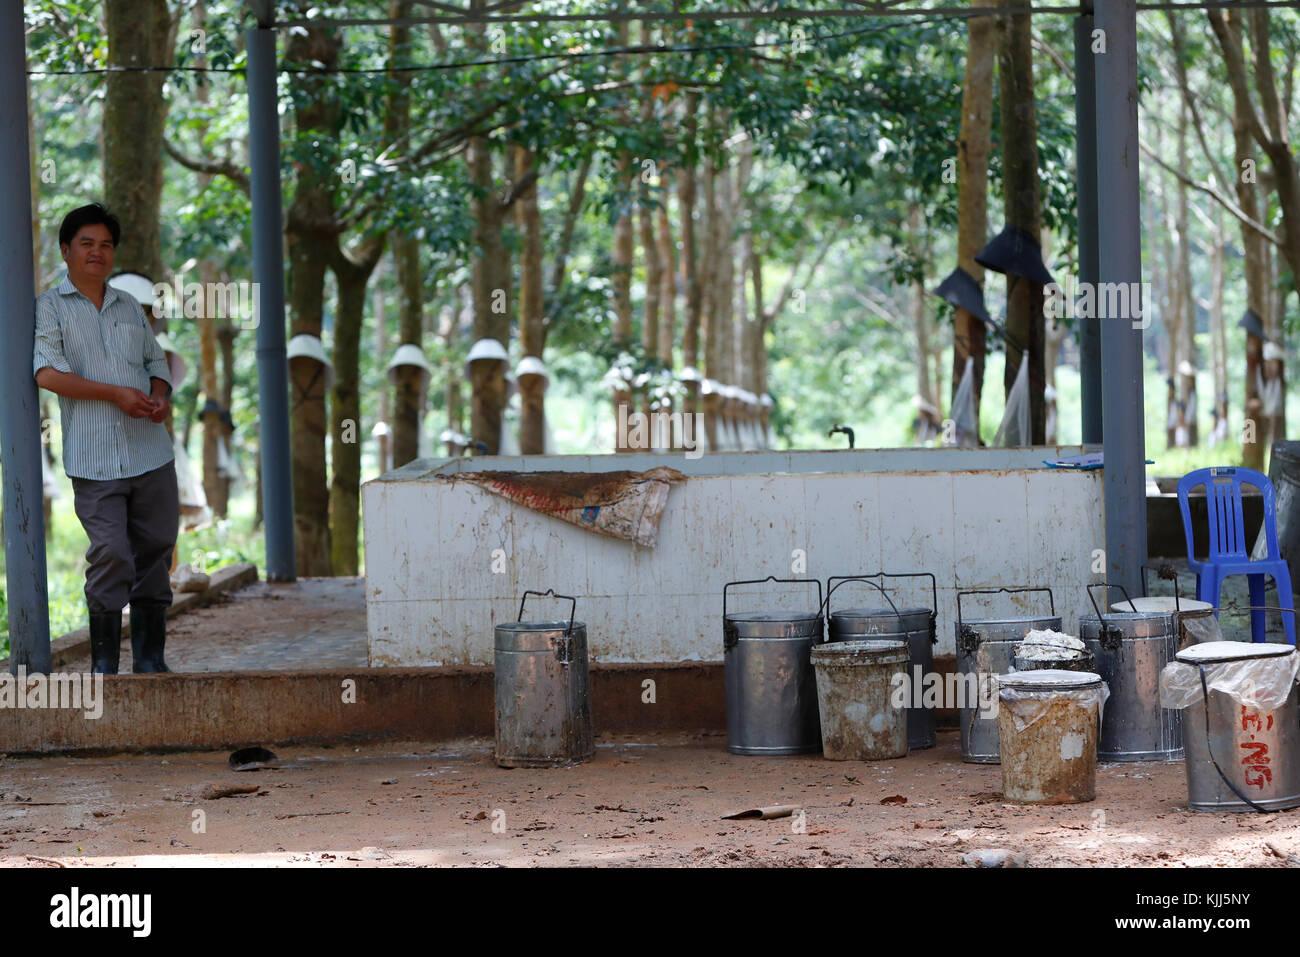 Gummibaum Plantage, Gummibaum Latex und Gummi. Kon Tum. Vietnam. Stockbild